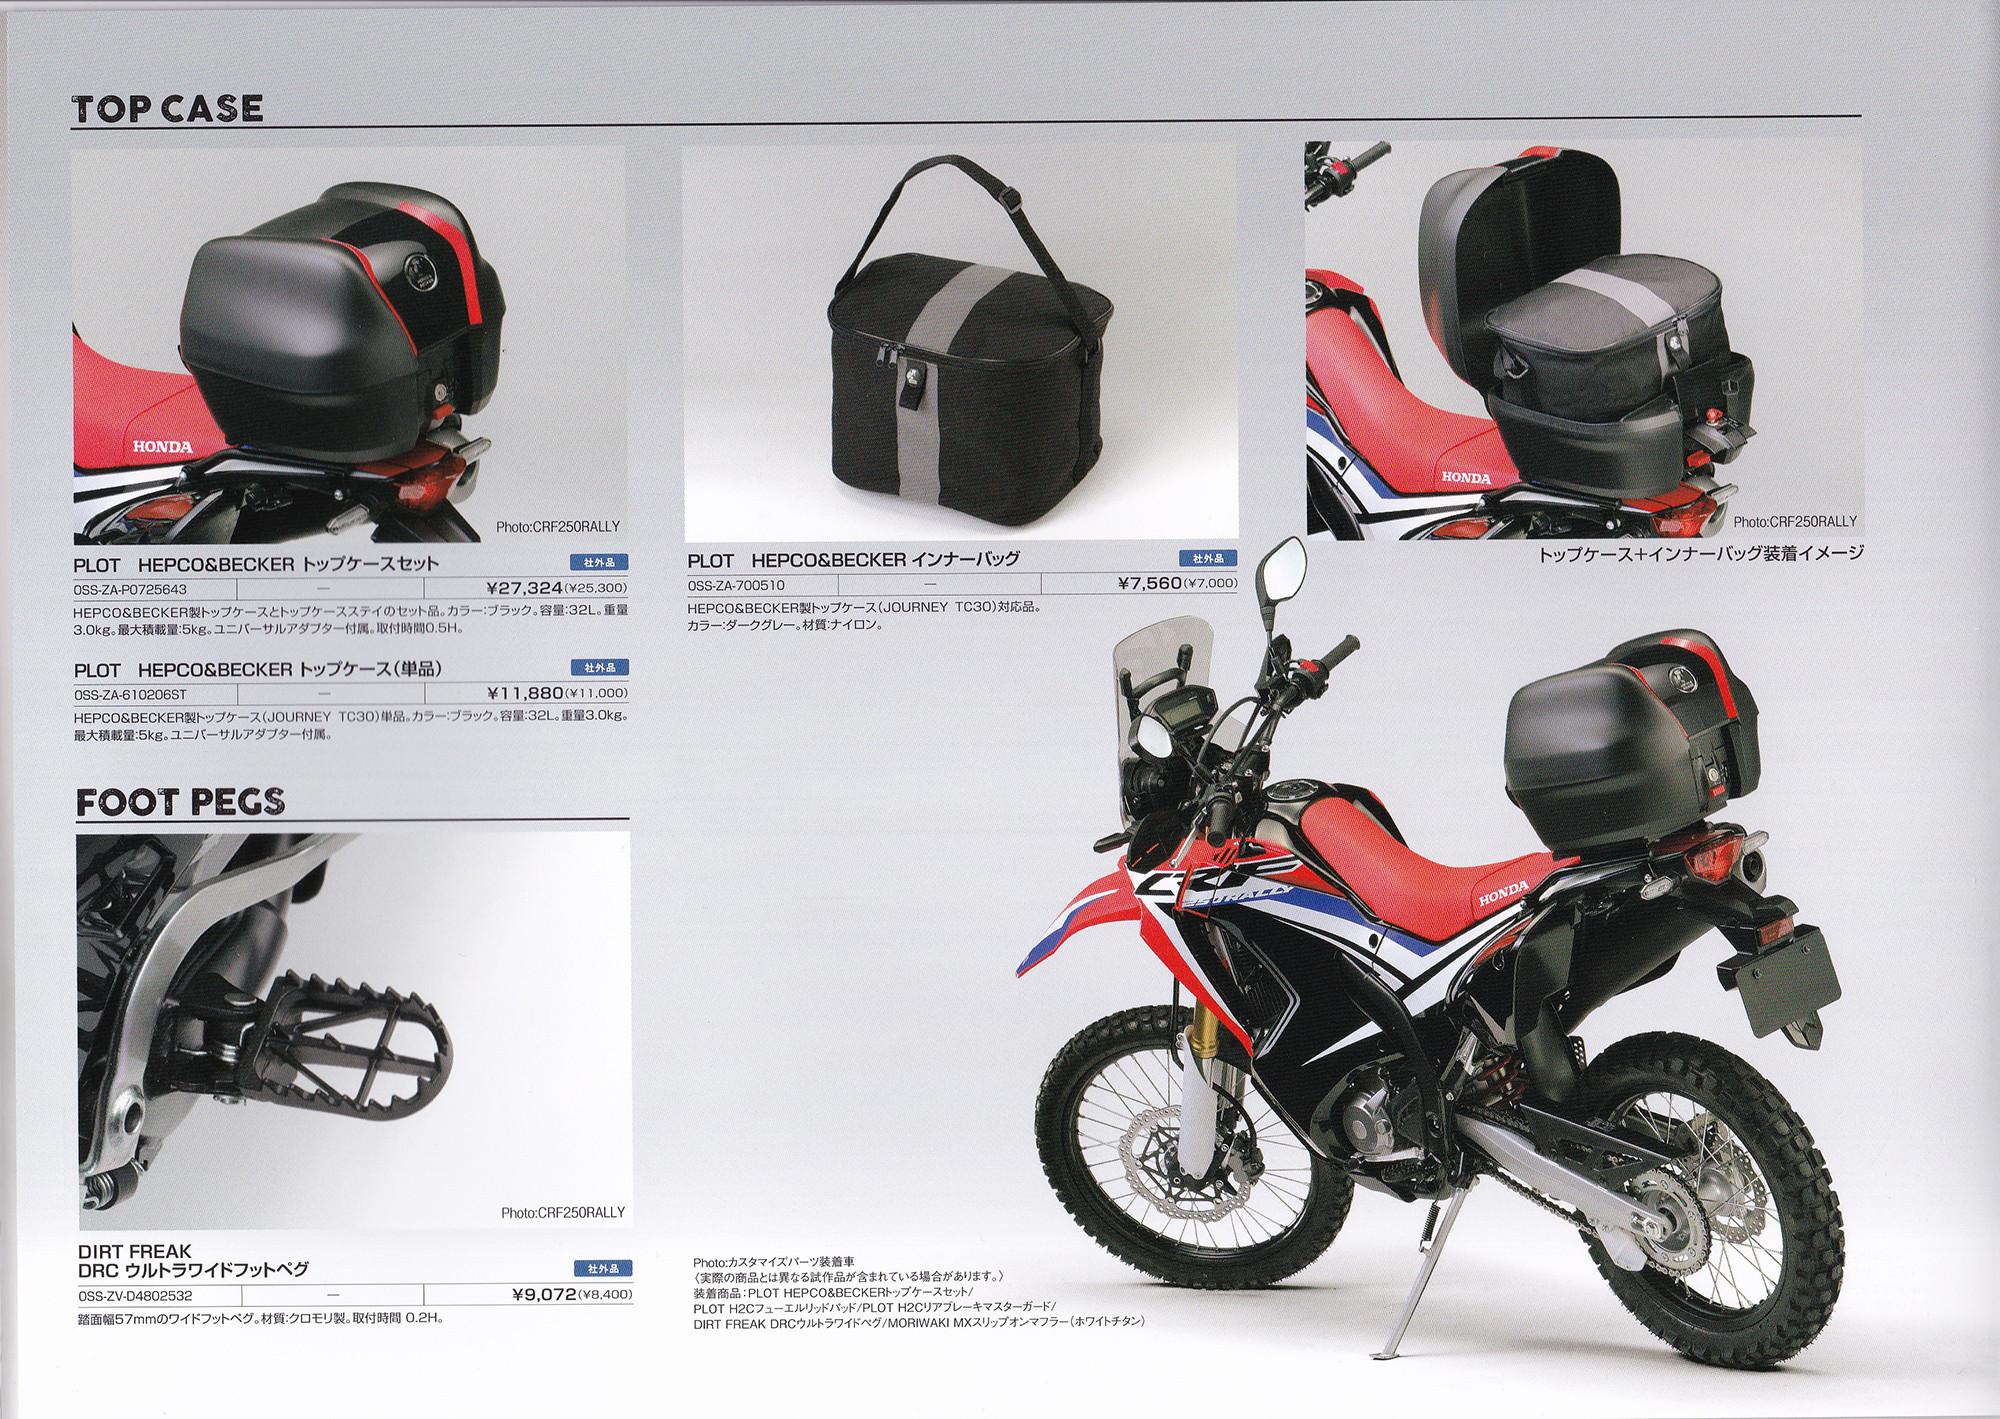 Crf250rallyには旧crf250l Mのキャリアが使えるみたい 個人的バイクまとめブログ